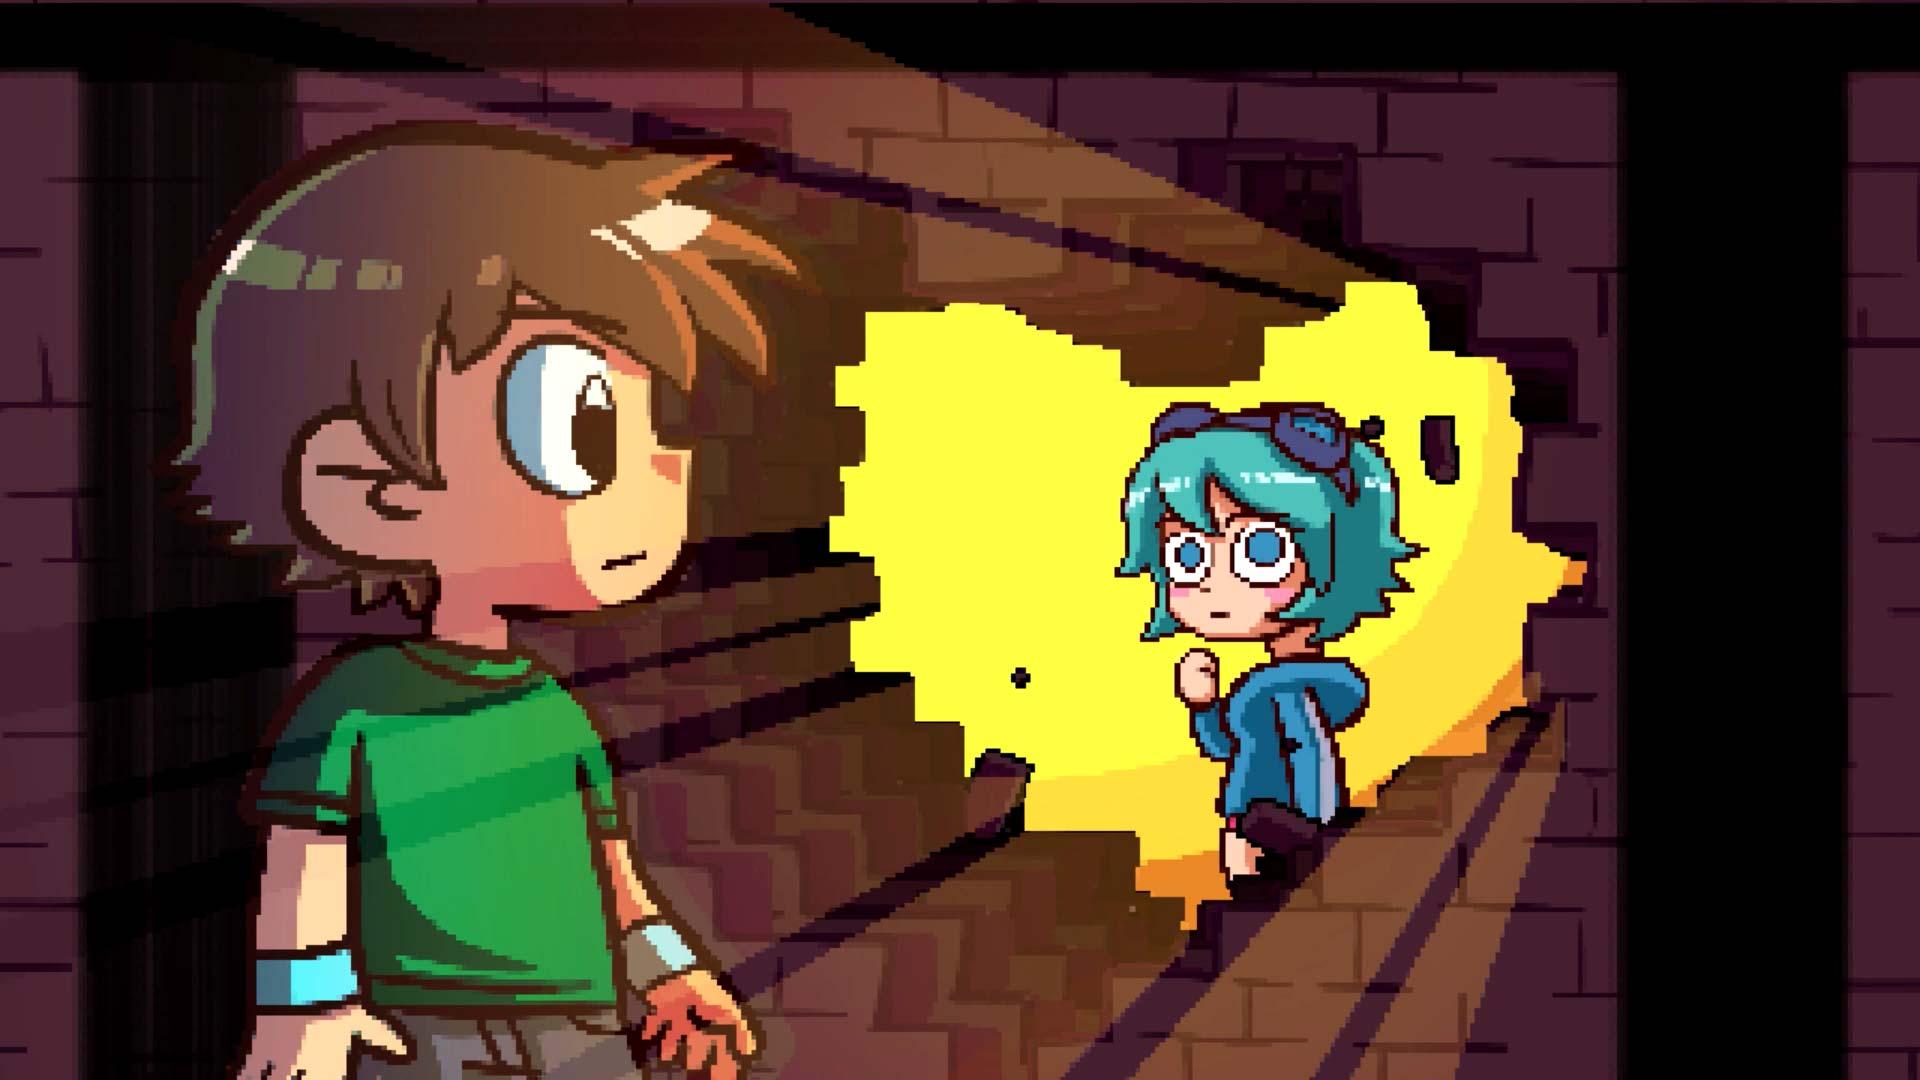 《歪小子斯科特 游戏完全版》将于明年一月发售